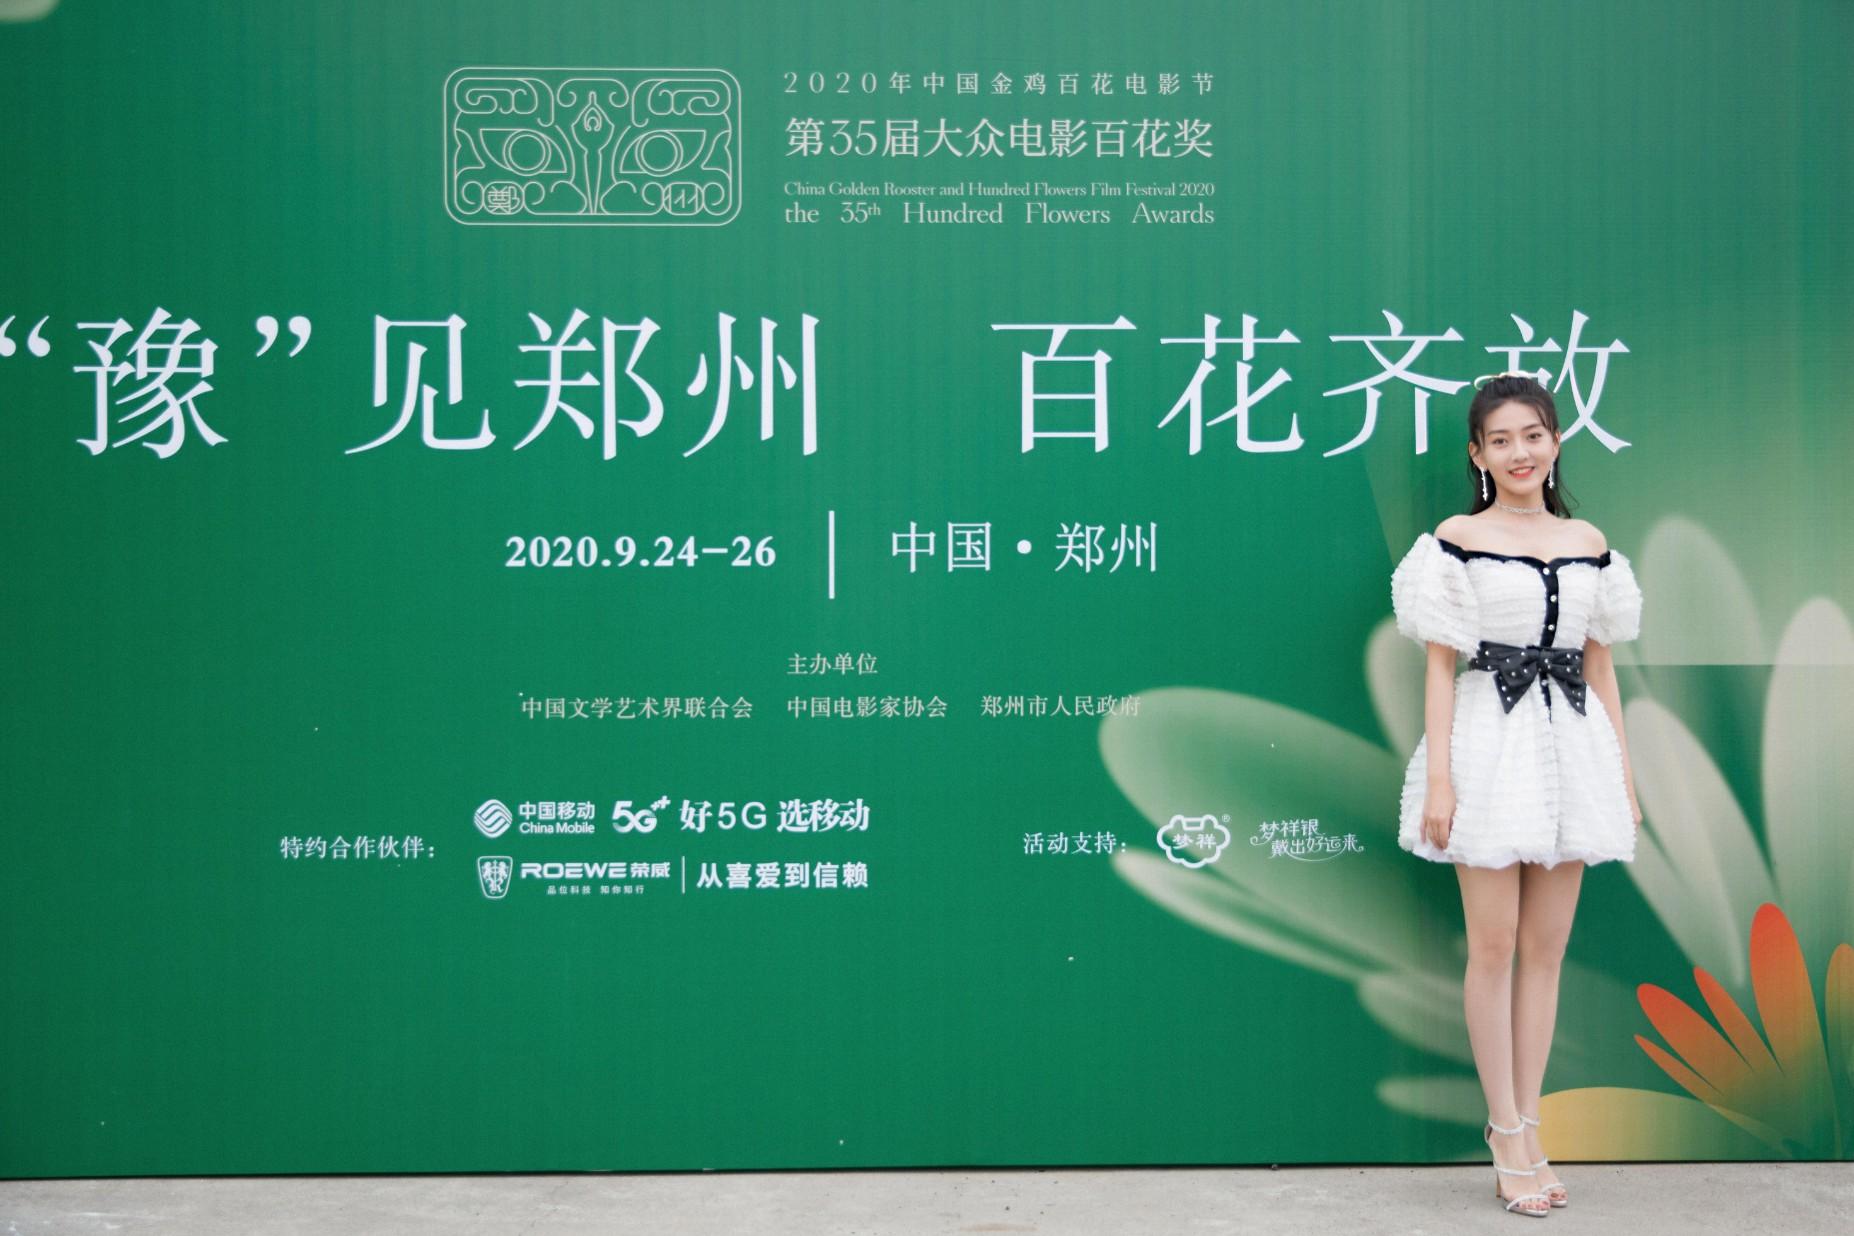 梁洁可爱风公主裙 甜美亮相大众电影百花奖闭幕式